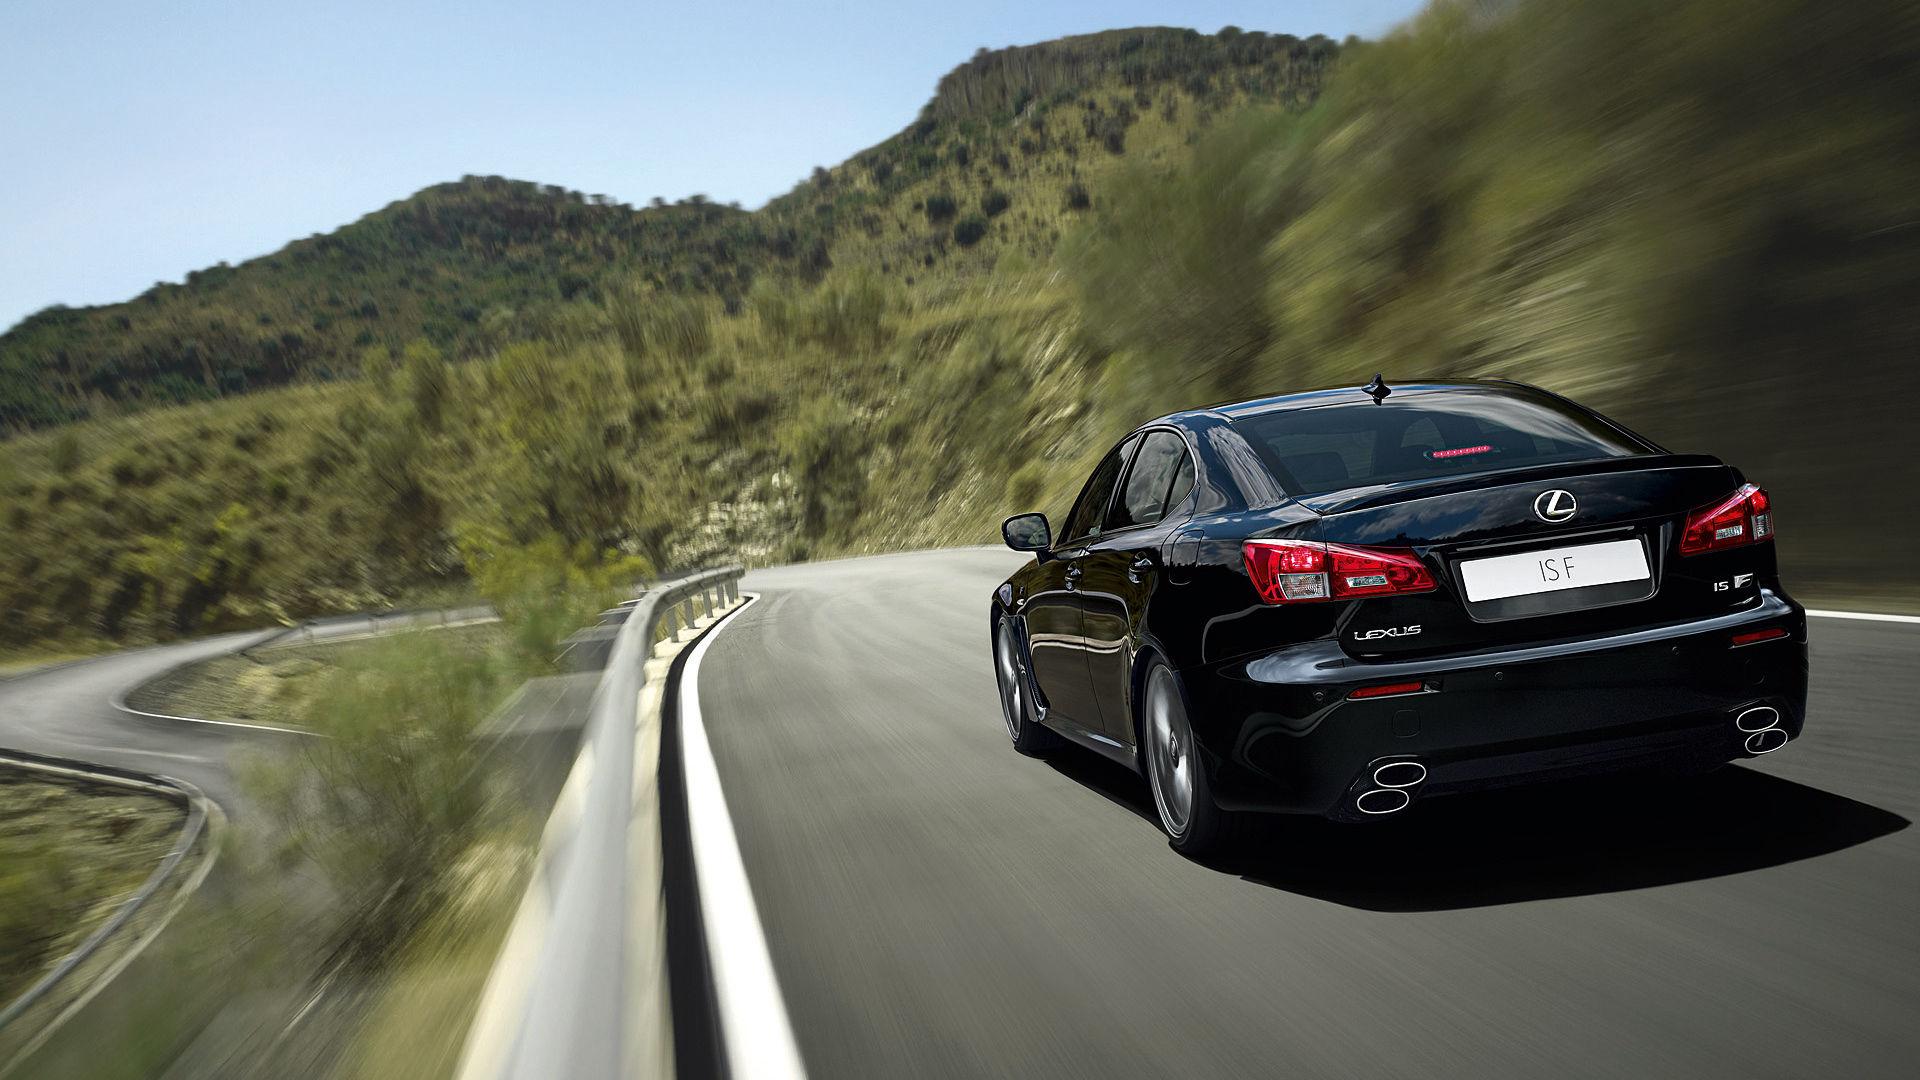 2011 Lexus IS-F